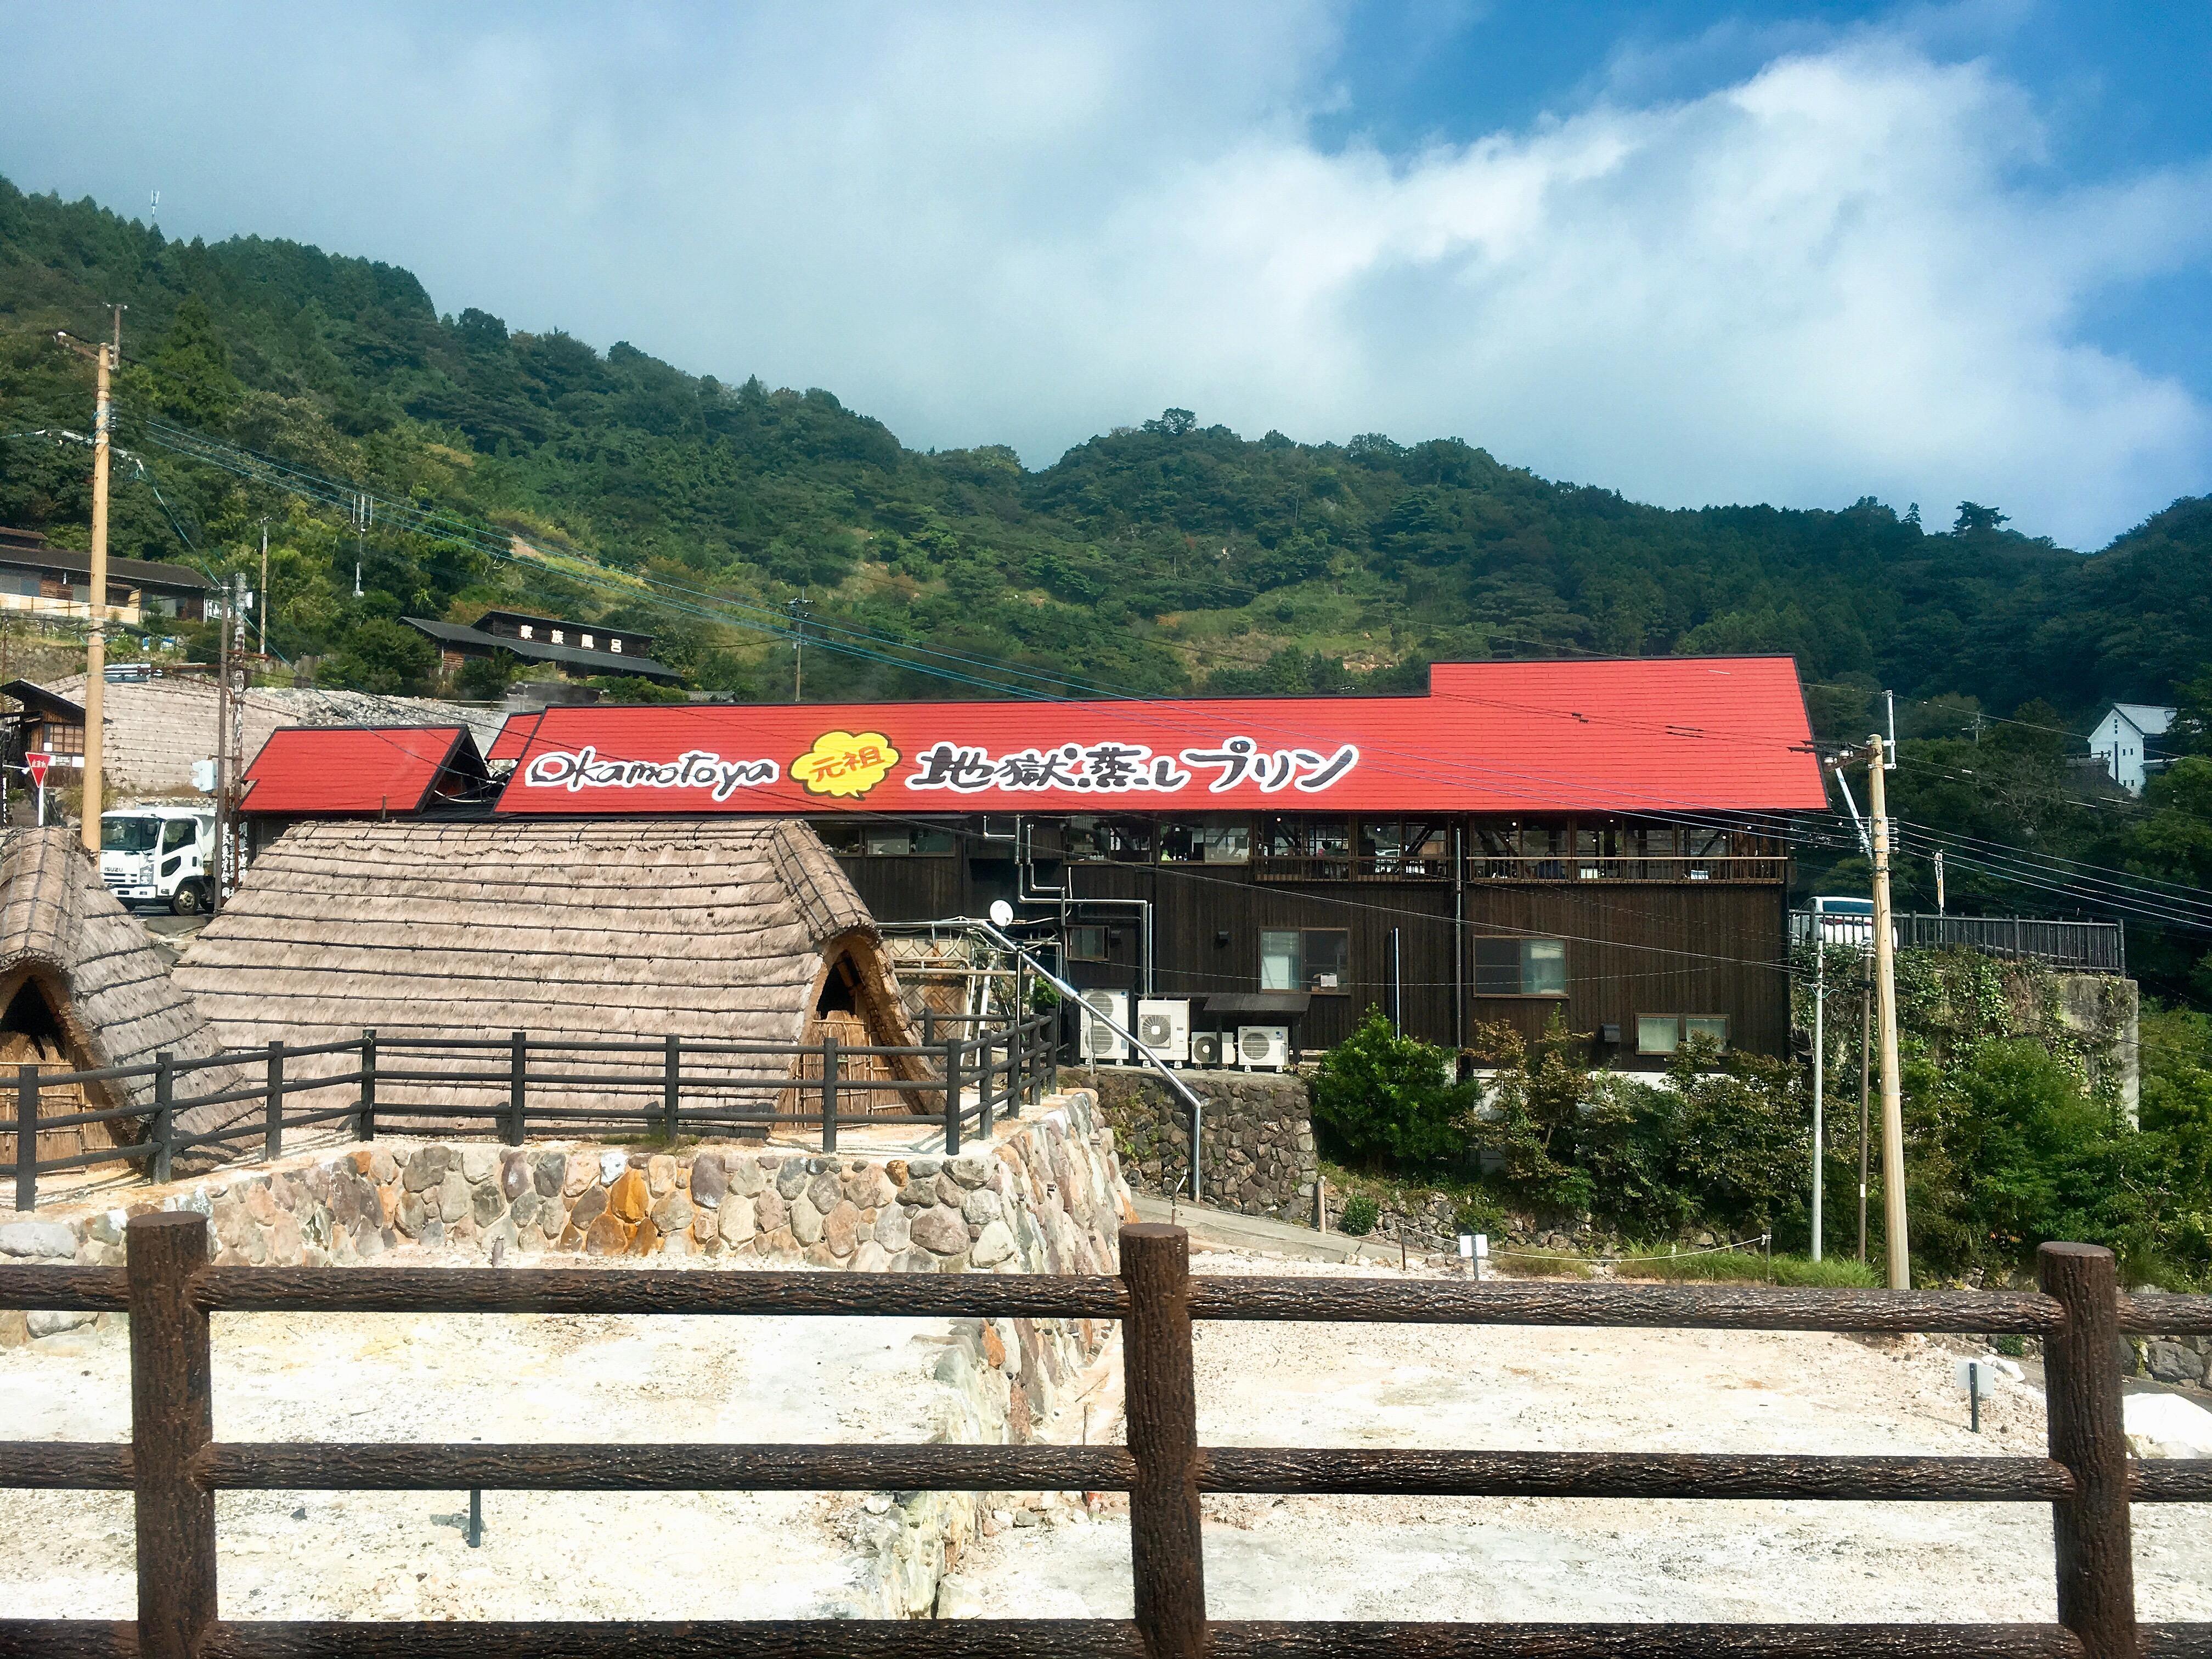 岡本屋売店さん(別府市明礬)で復活した「地獄蒸し抹茶キャラメルプリン」を食べにバスで行ってきました!   トリサポ!